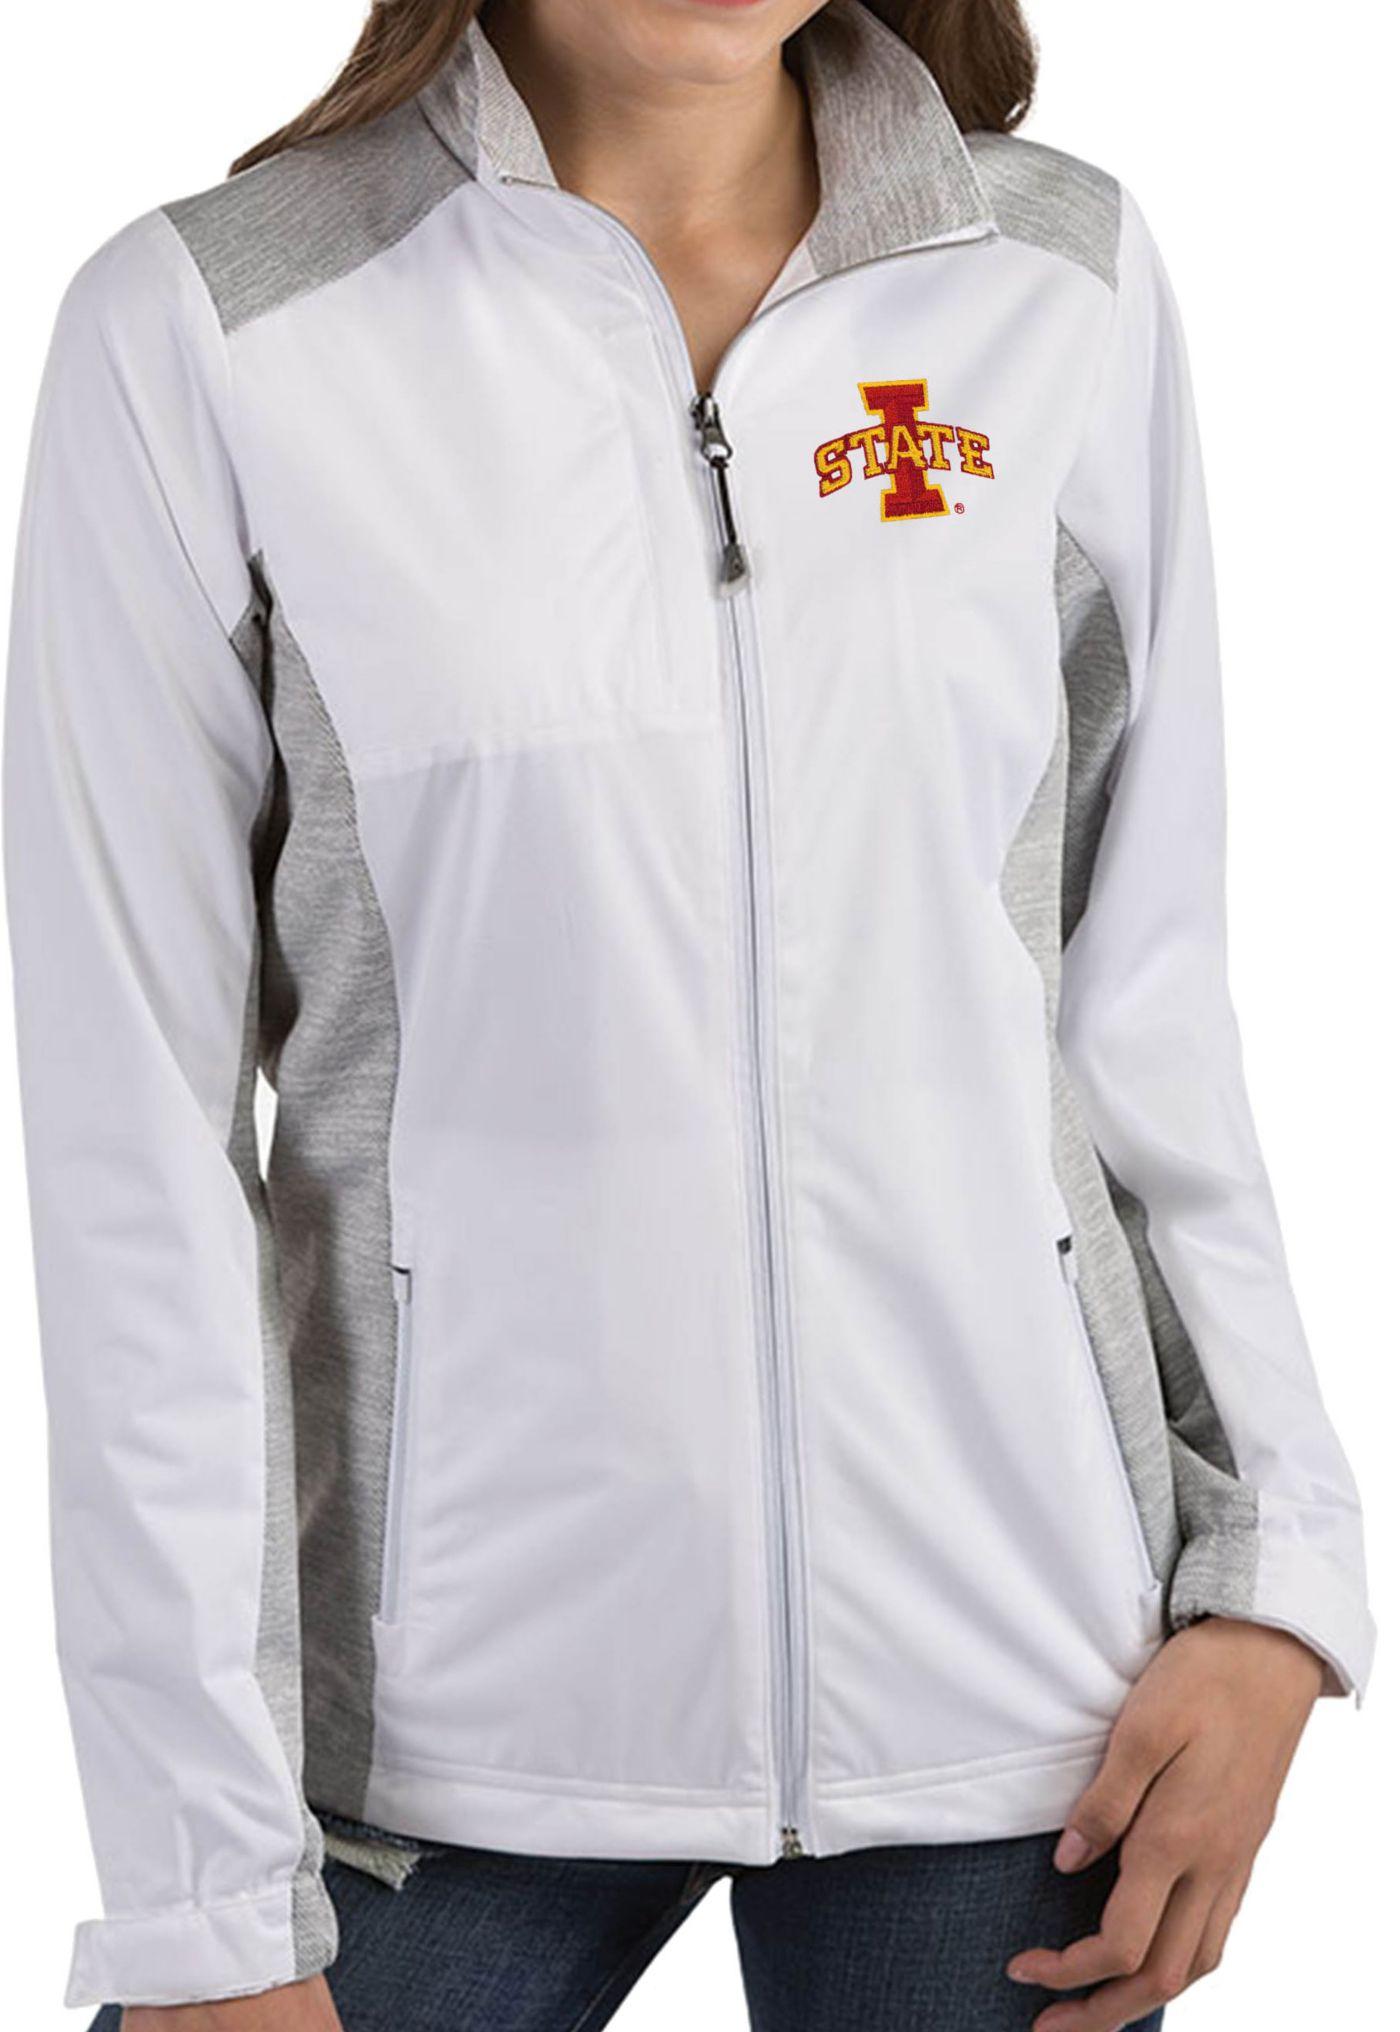 Antigua Women's Iowa State Cyclones Revolve Full-Zip White Jacket